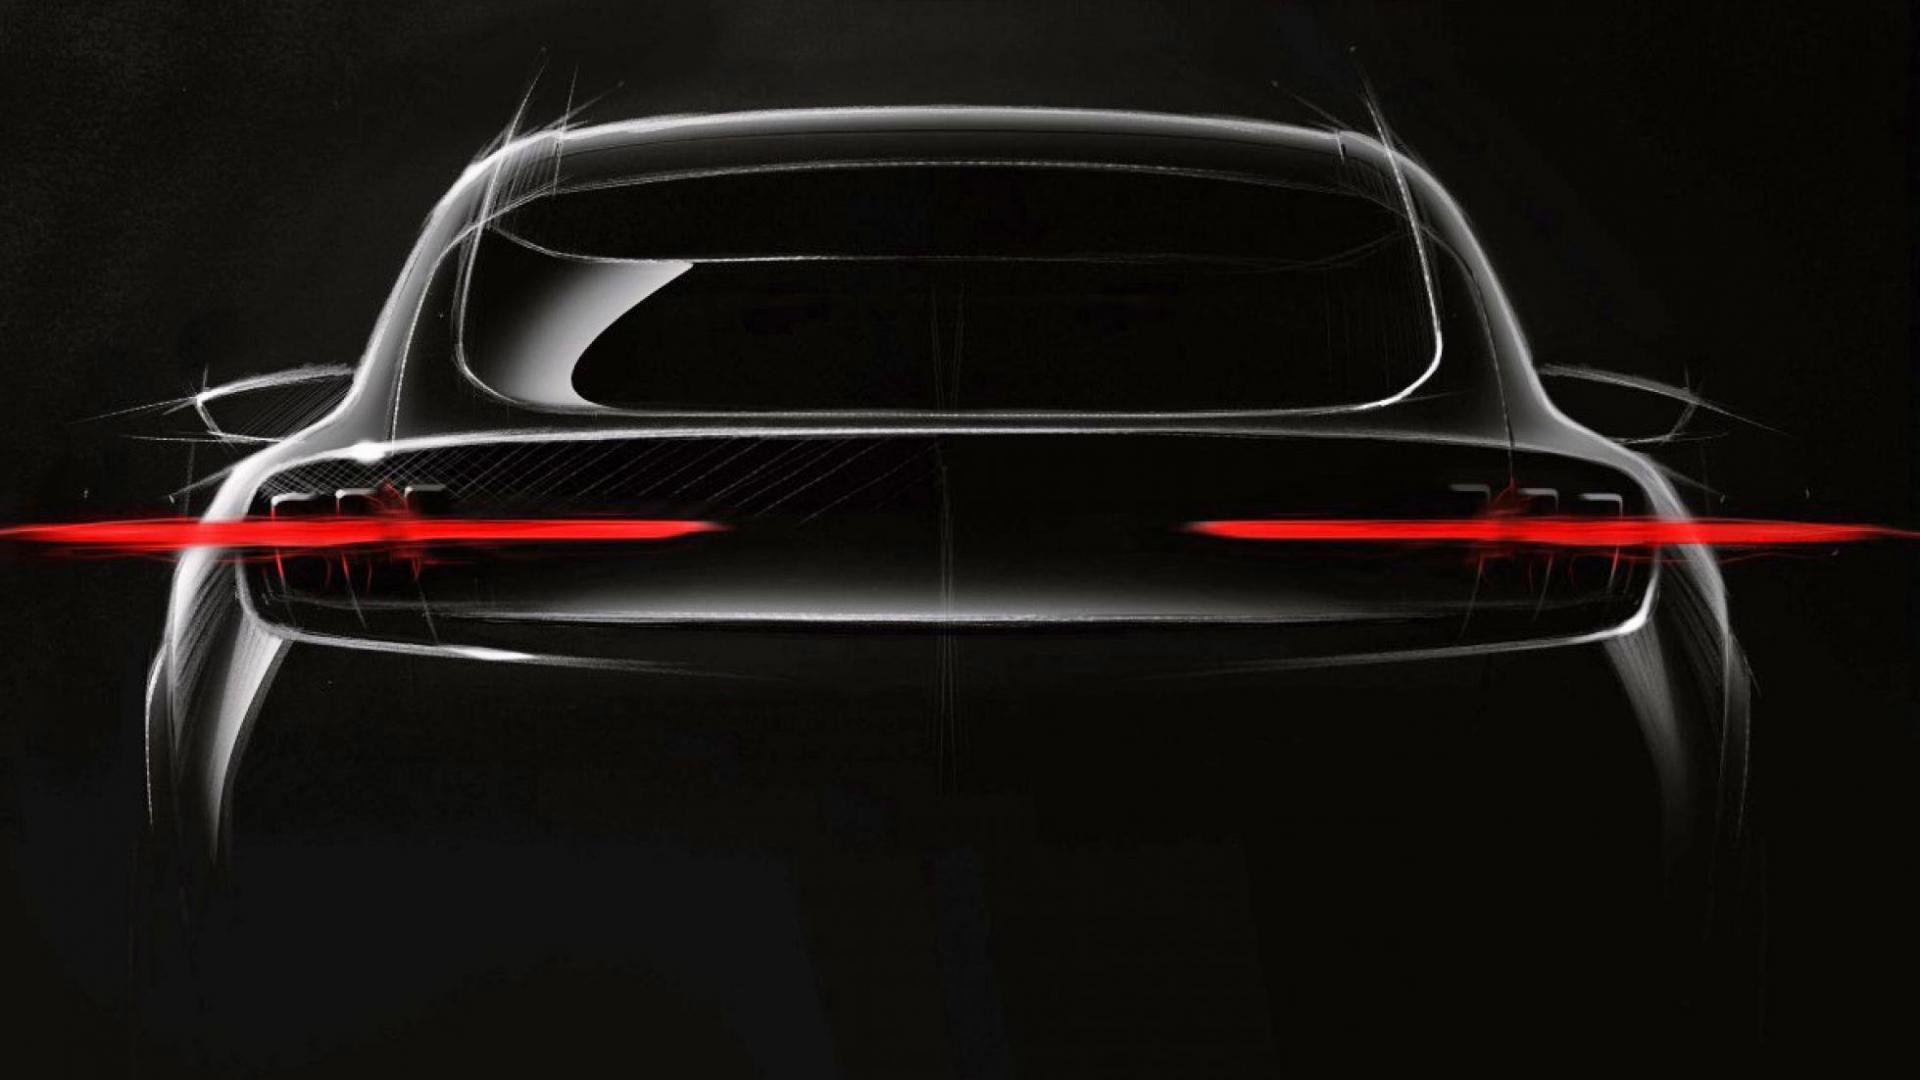 Fords Elektrische Suv Gaat Op Een Mustang Lijken Topgear